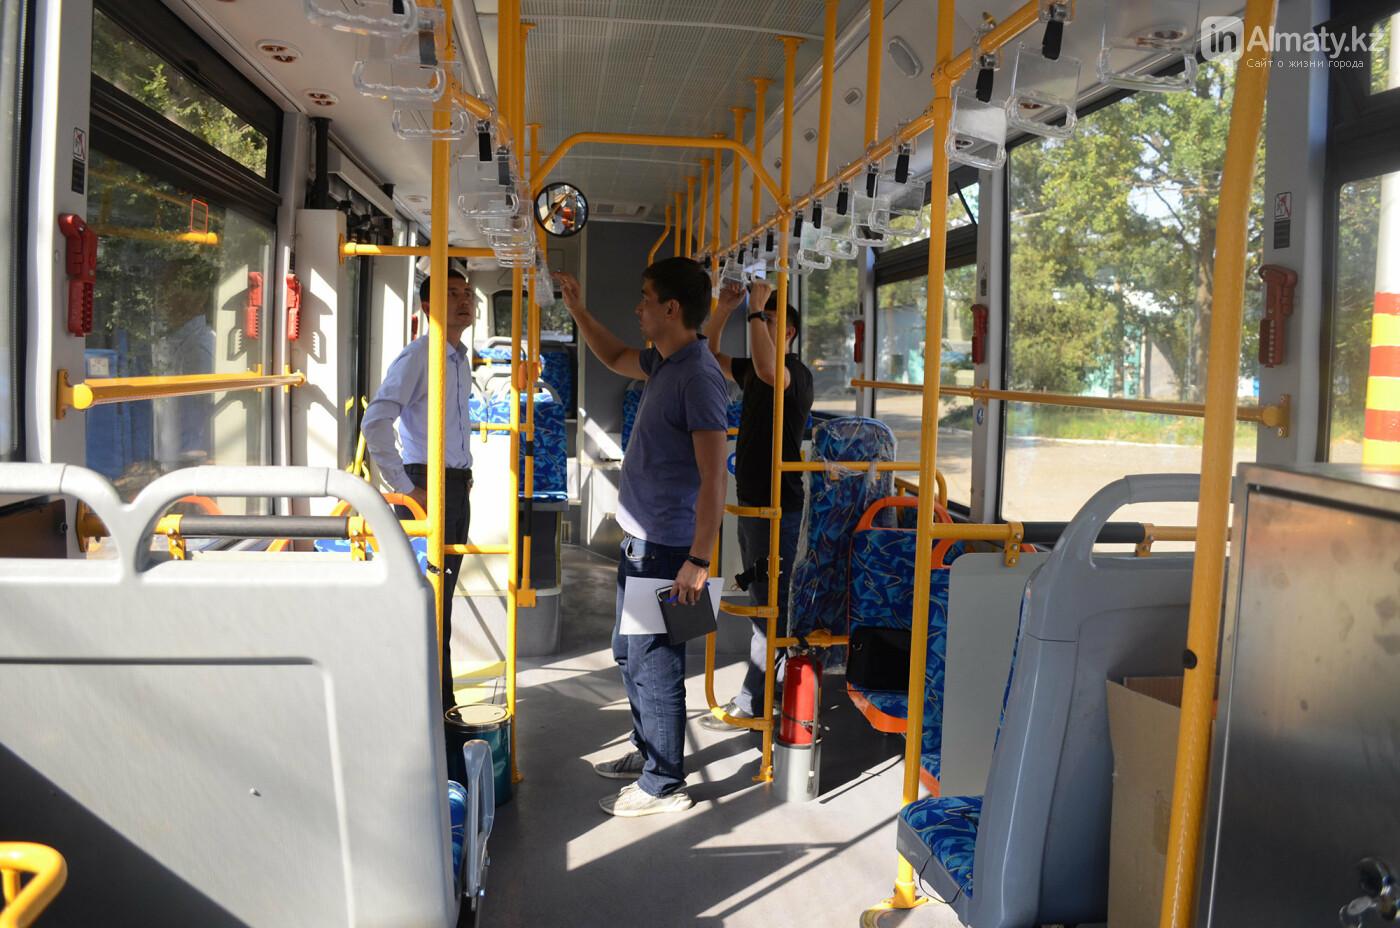 206 новых автобусов выйдут на дороги Алматы до конца октября, фото-1